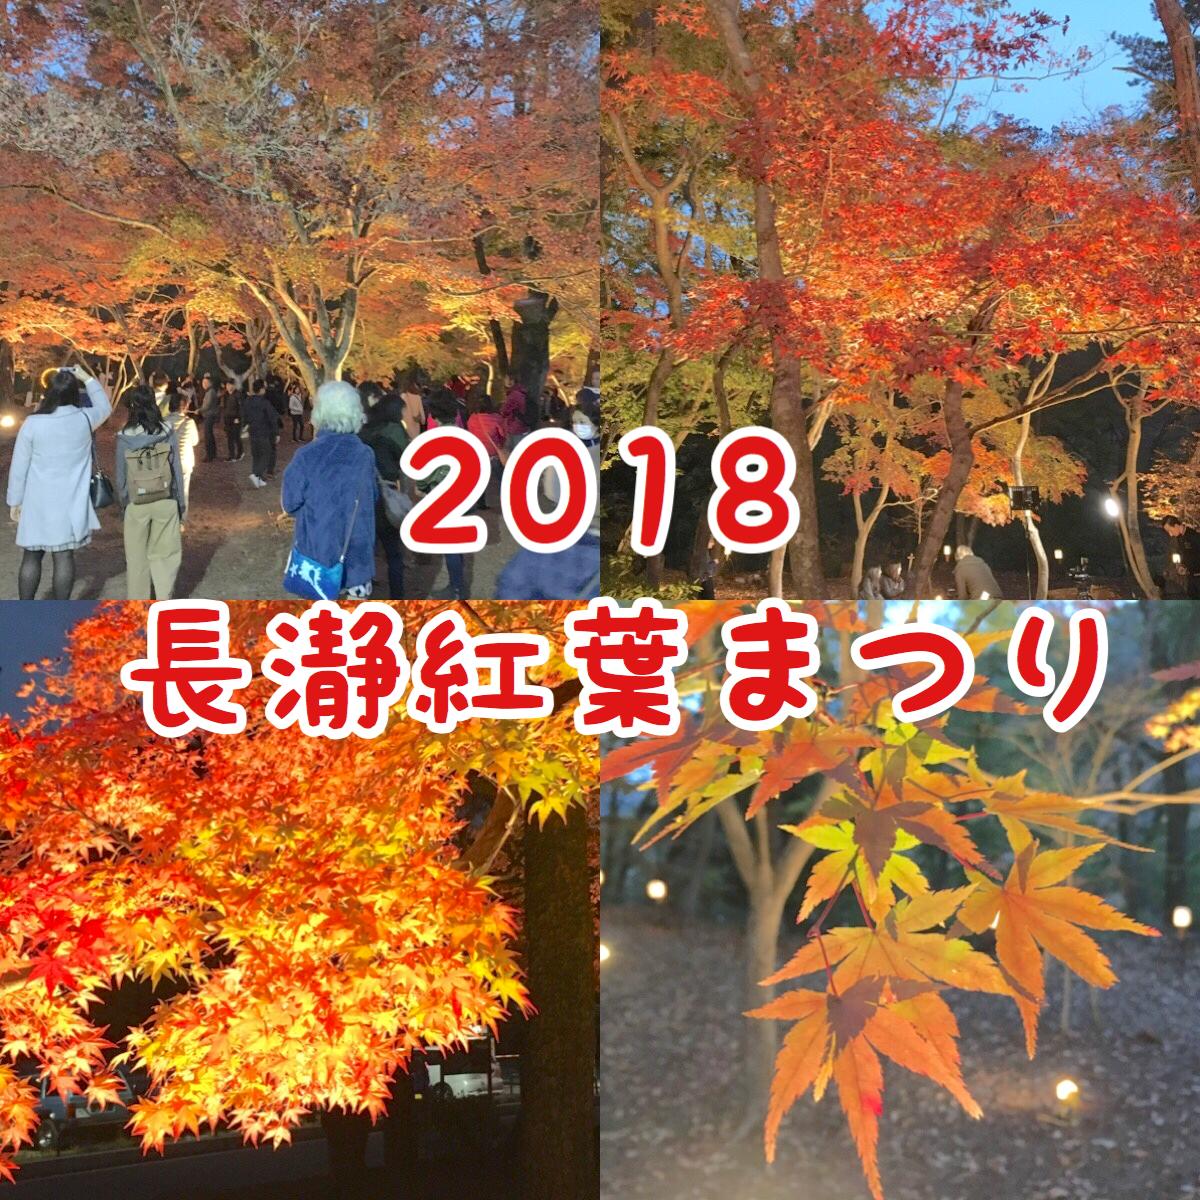 長瀞紅葉まつり2018ライトアップレポ 見頃・アクセス・駐車場を紹介!